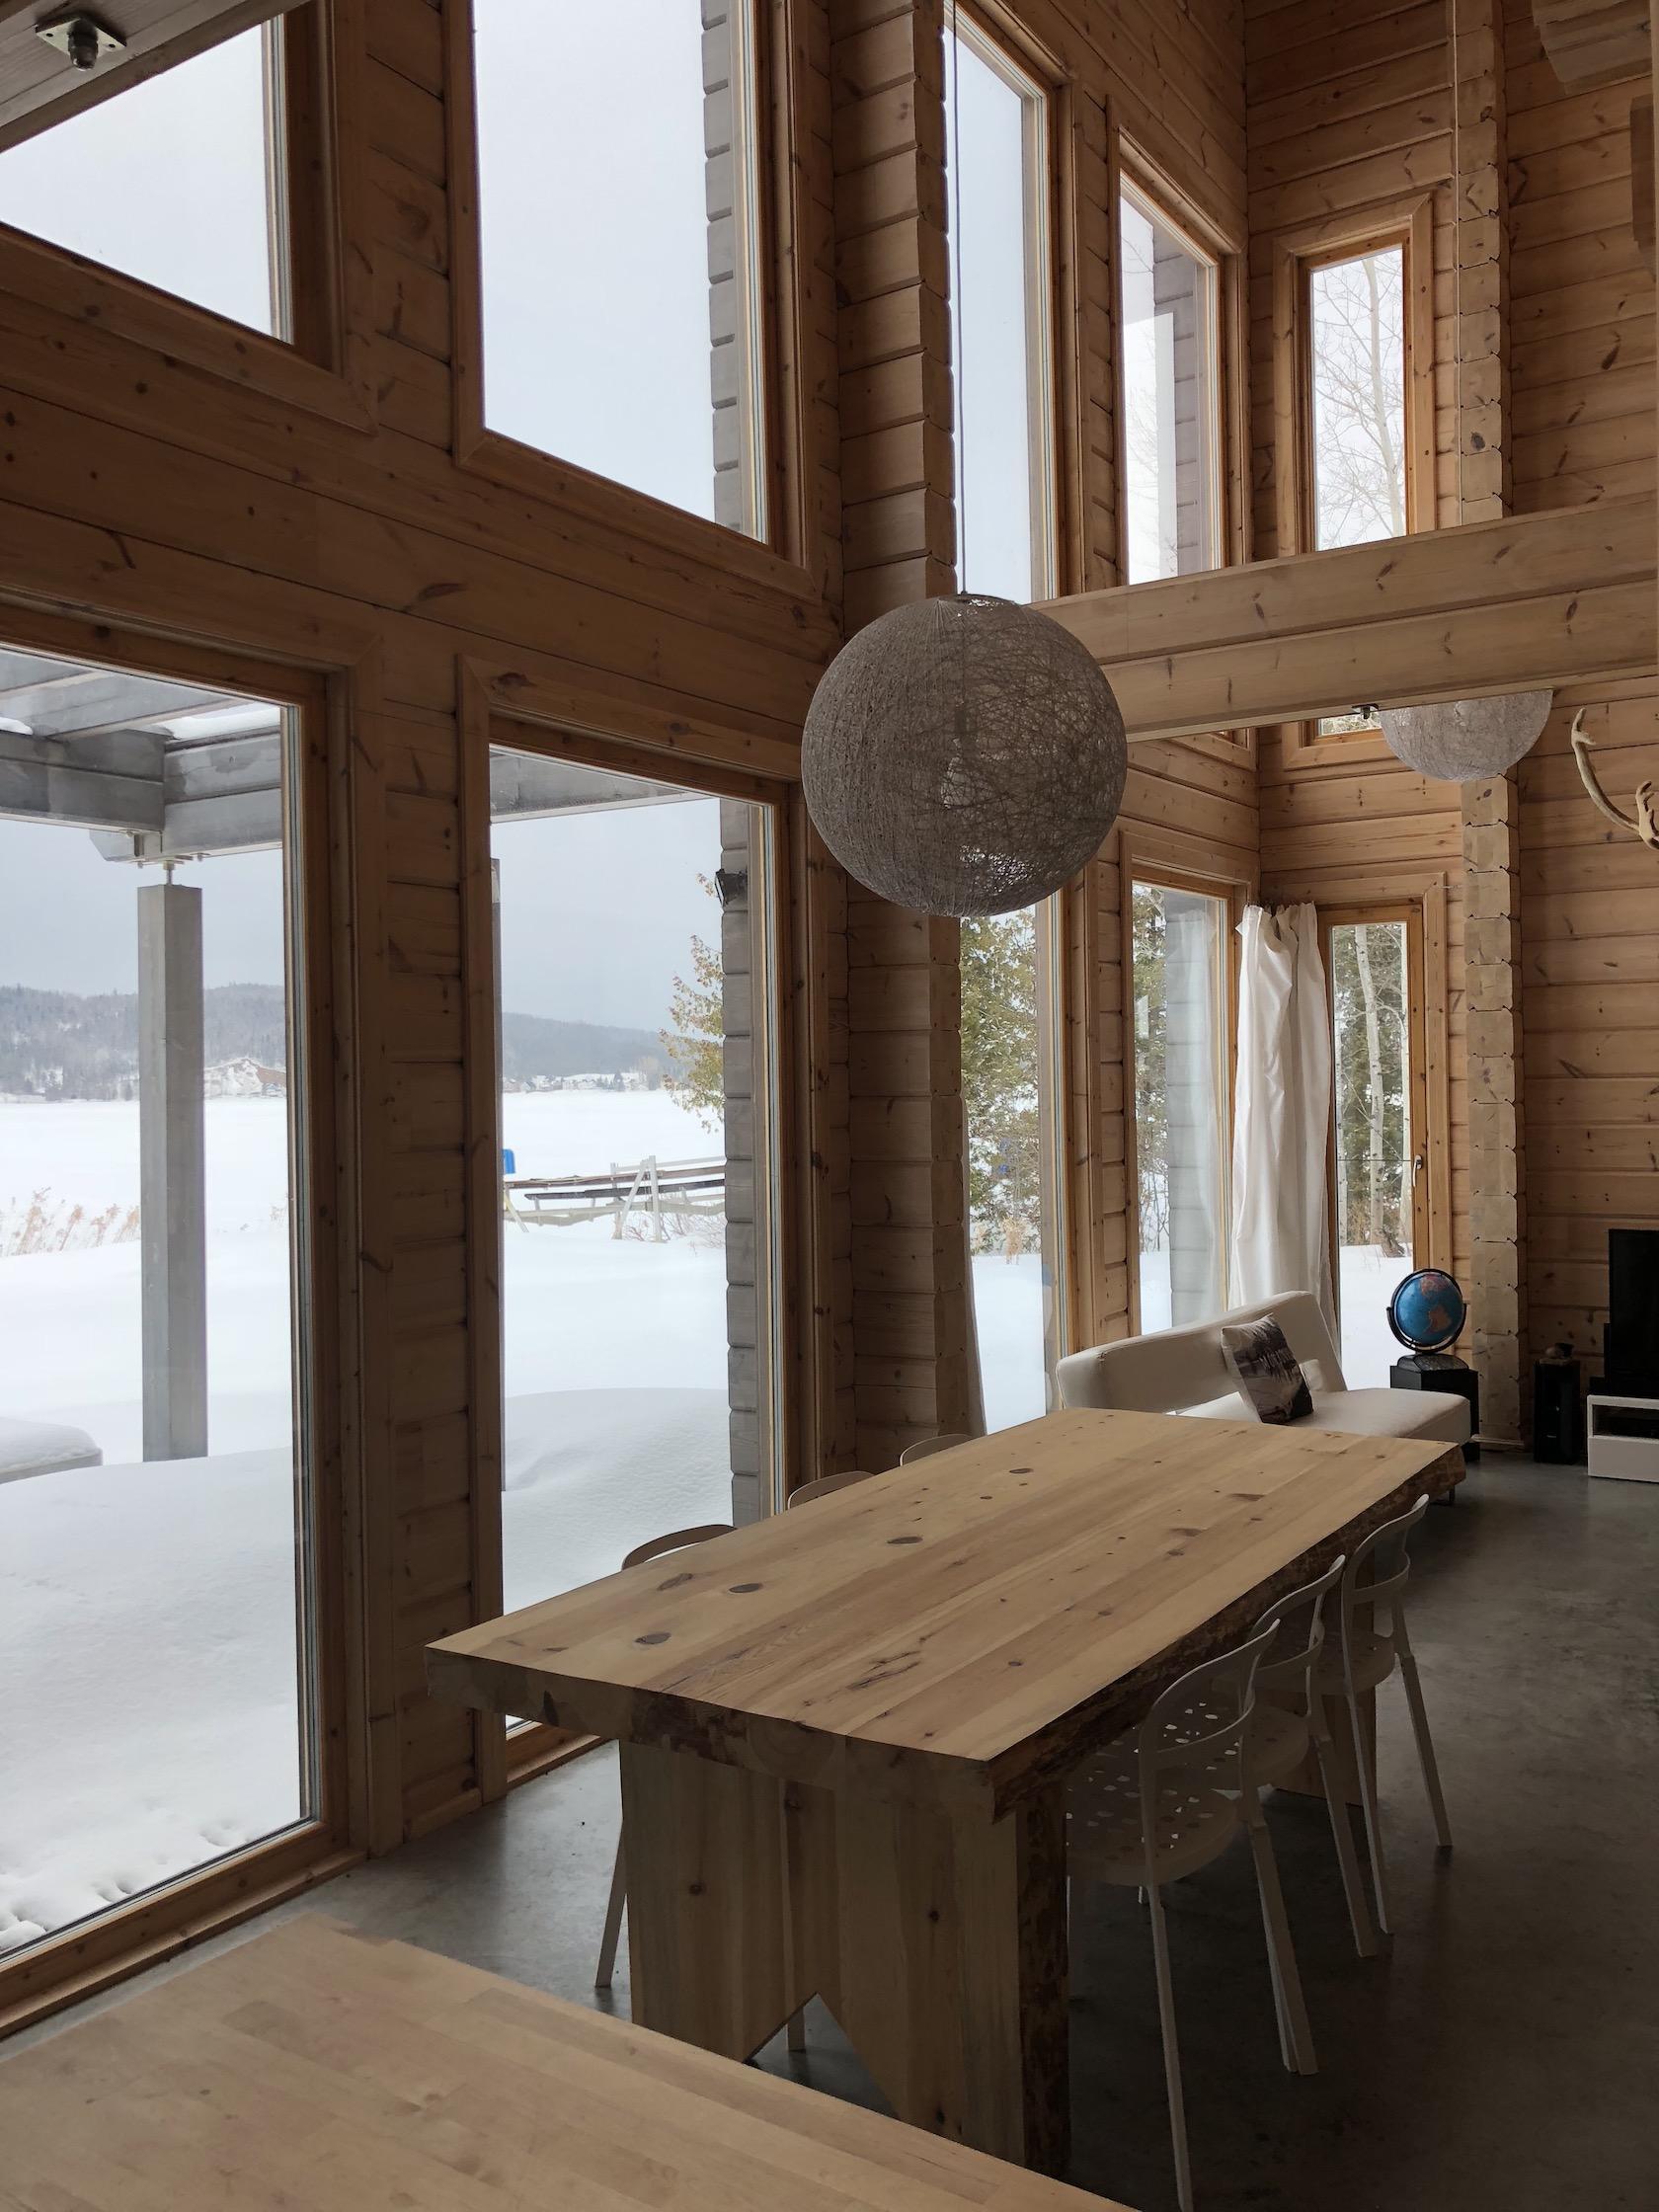 La salle à manger avec fenêtres abondantes sur le lac au Chalet les Hirondelles